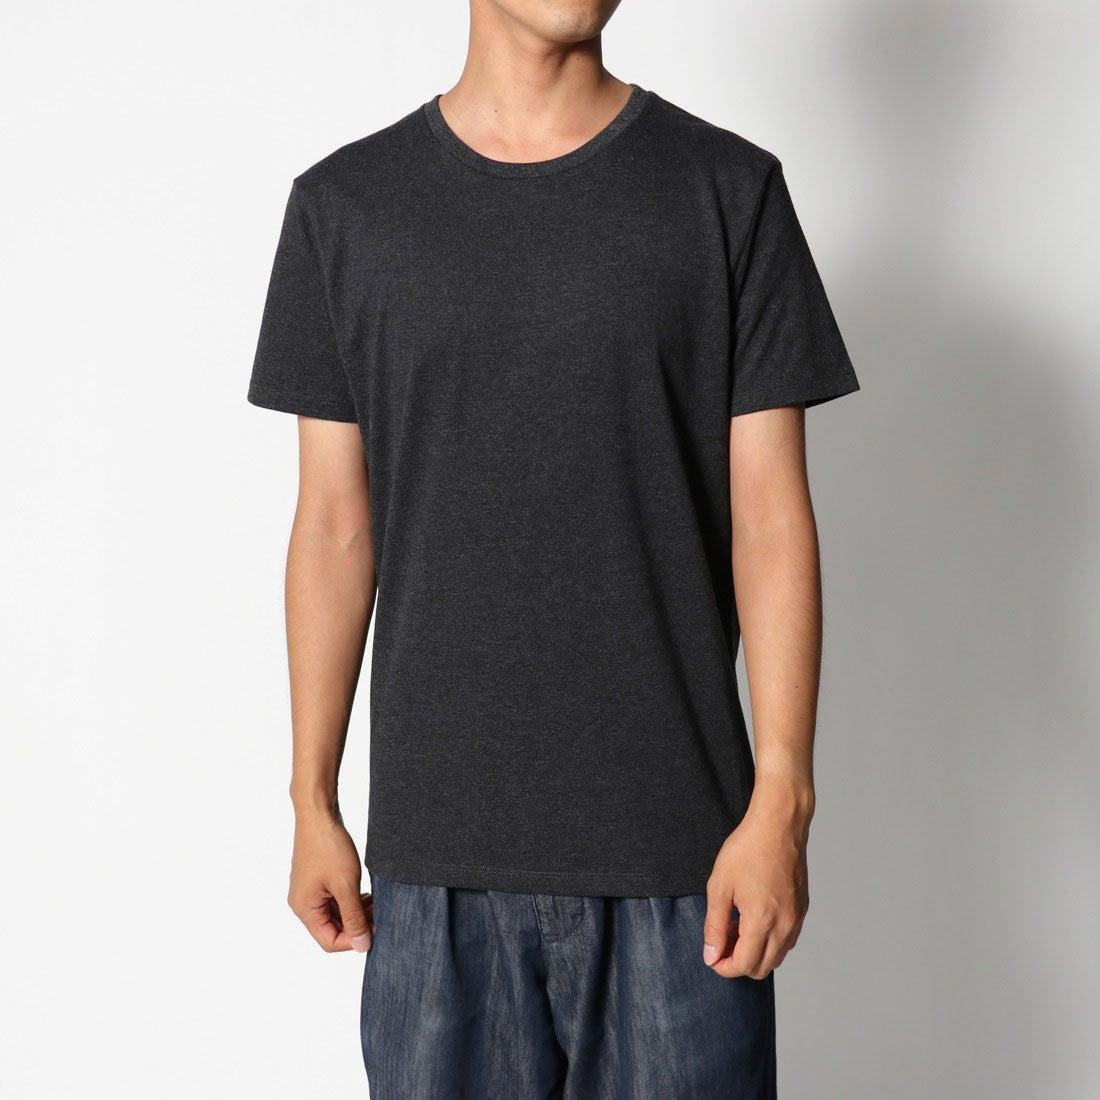 ロコンド 靴とファッションの通販サイトリネーム Rename クルーネックヘビーウェイトTシャツ (ブラック)